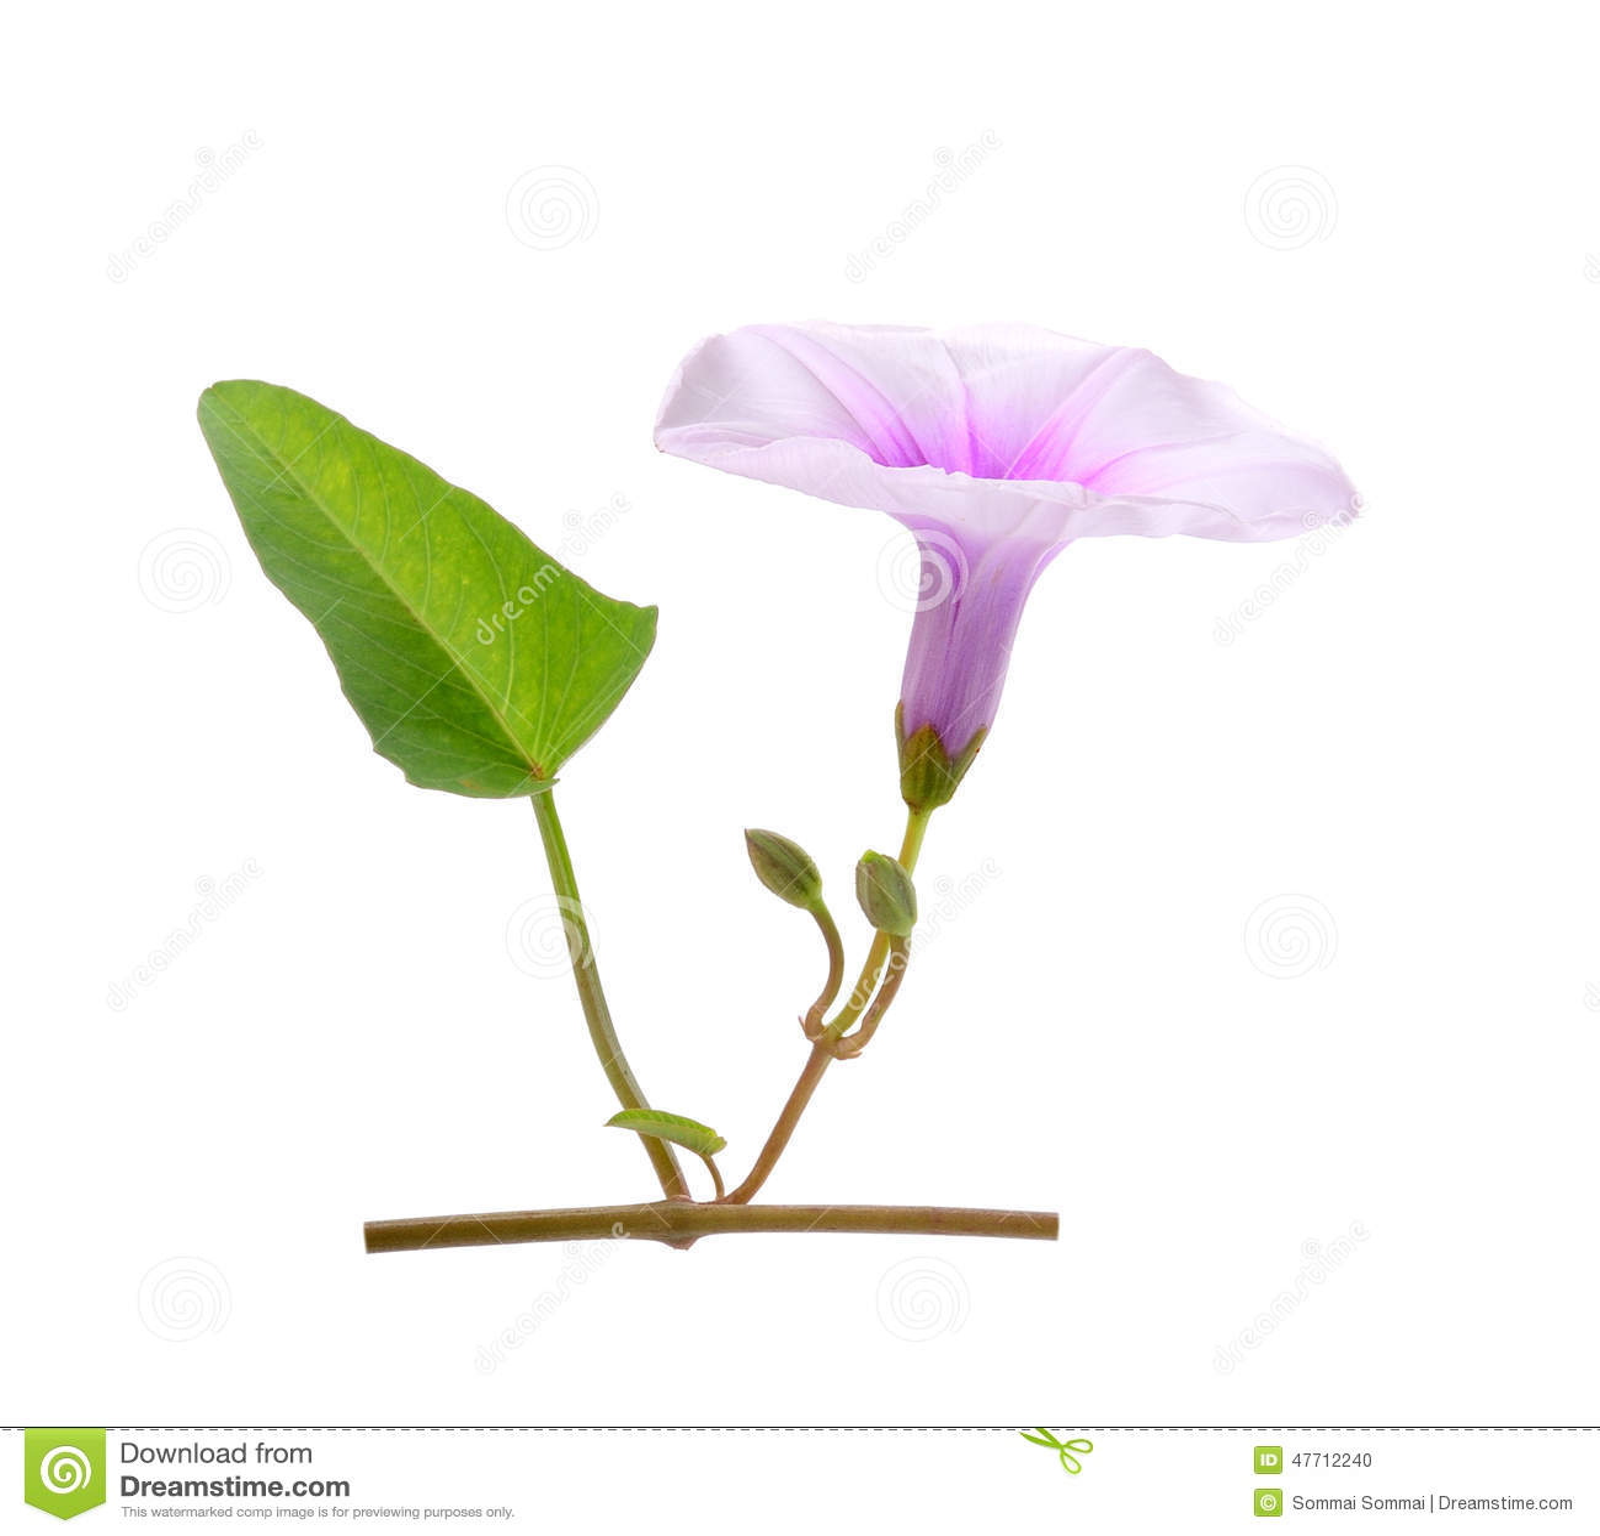 Morning Glory Flowers On White Background Stock Photo Image Of